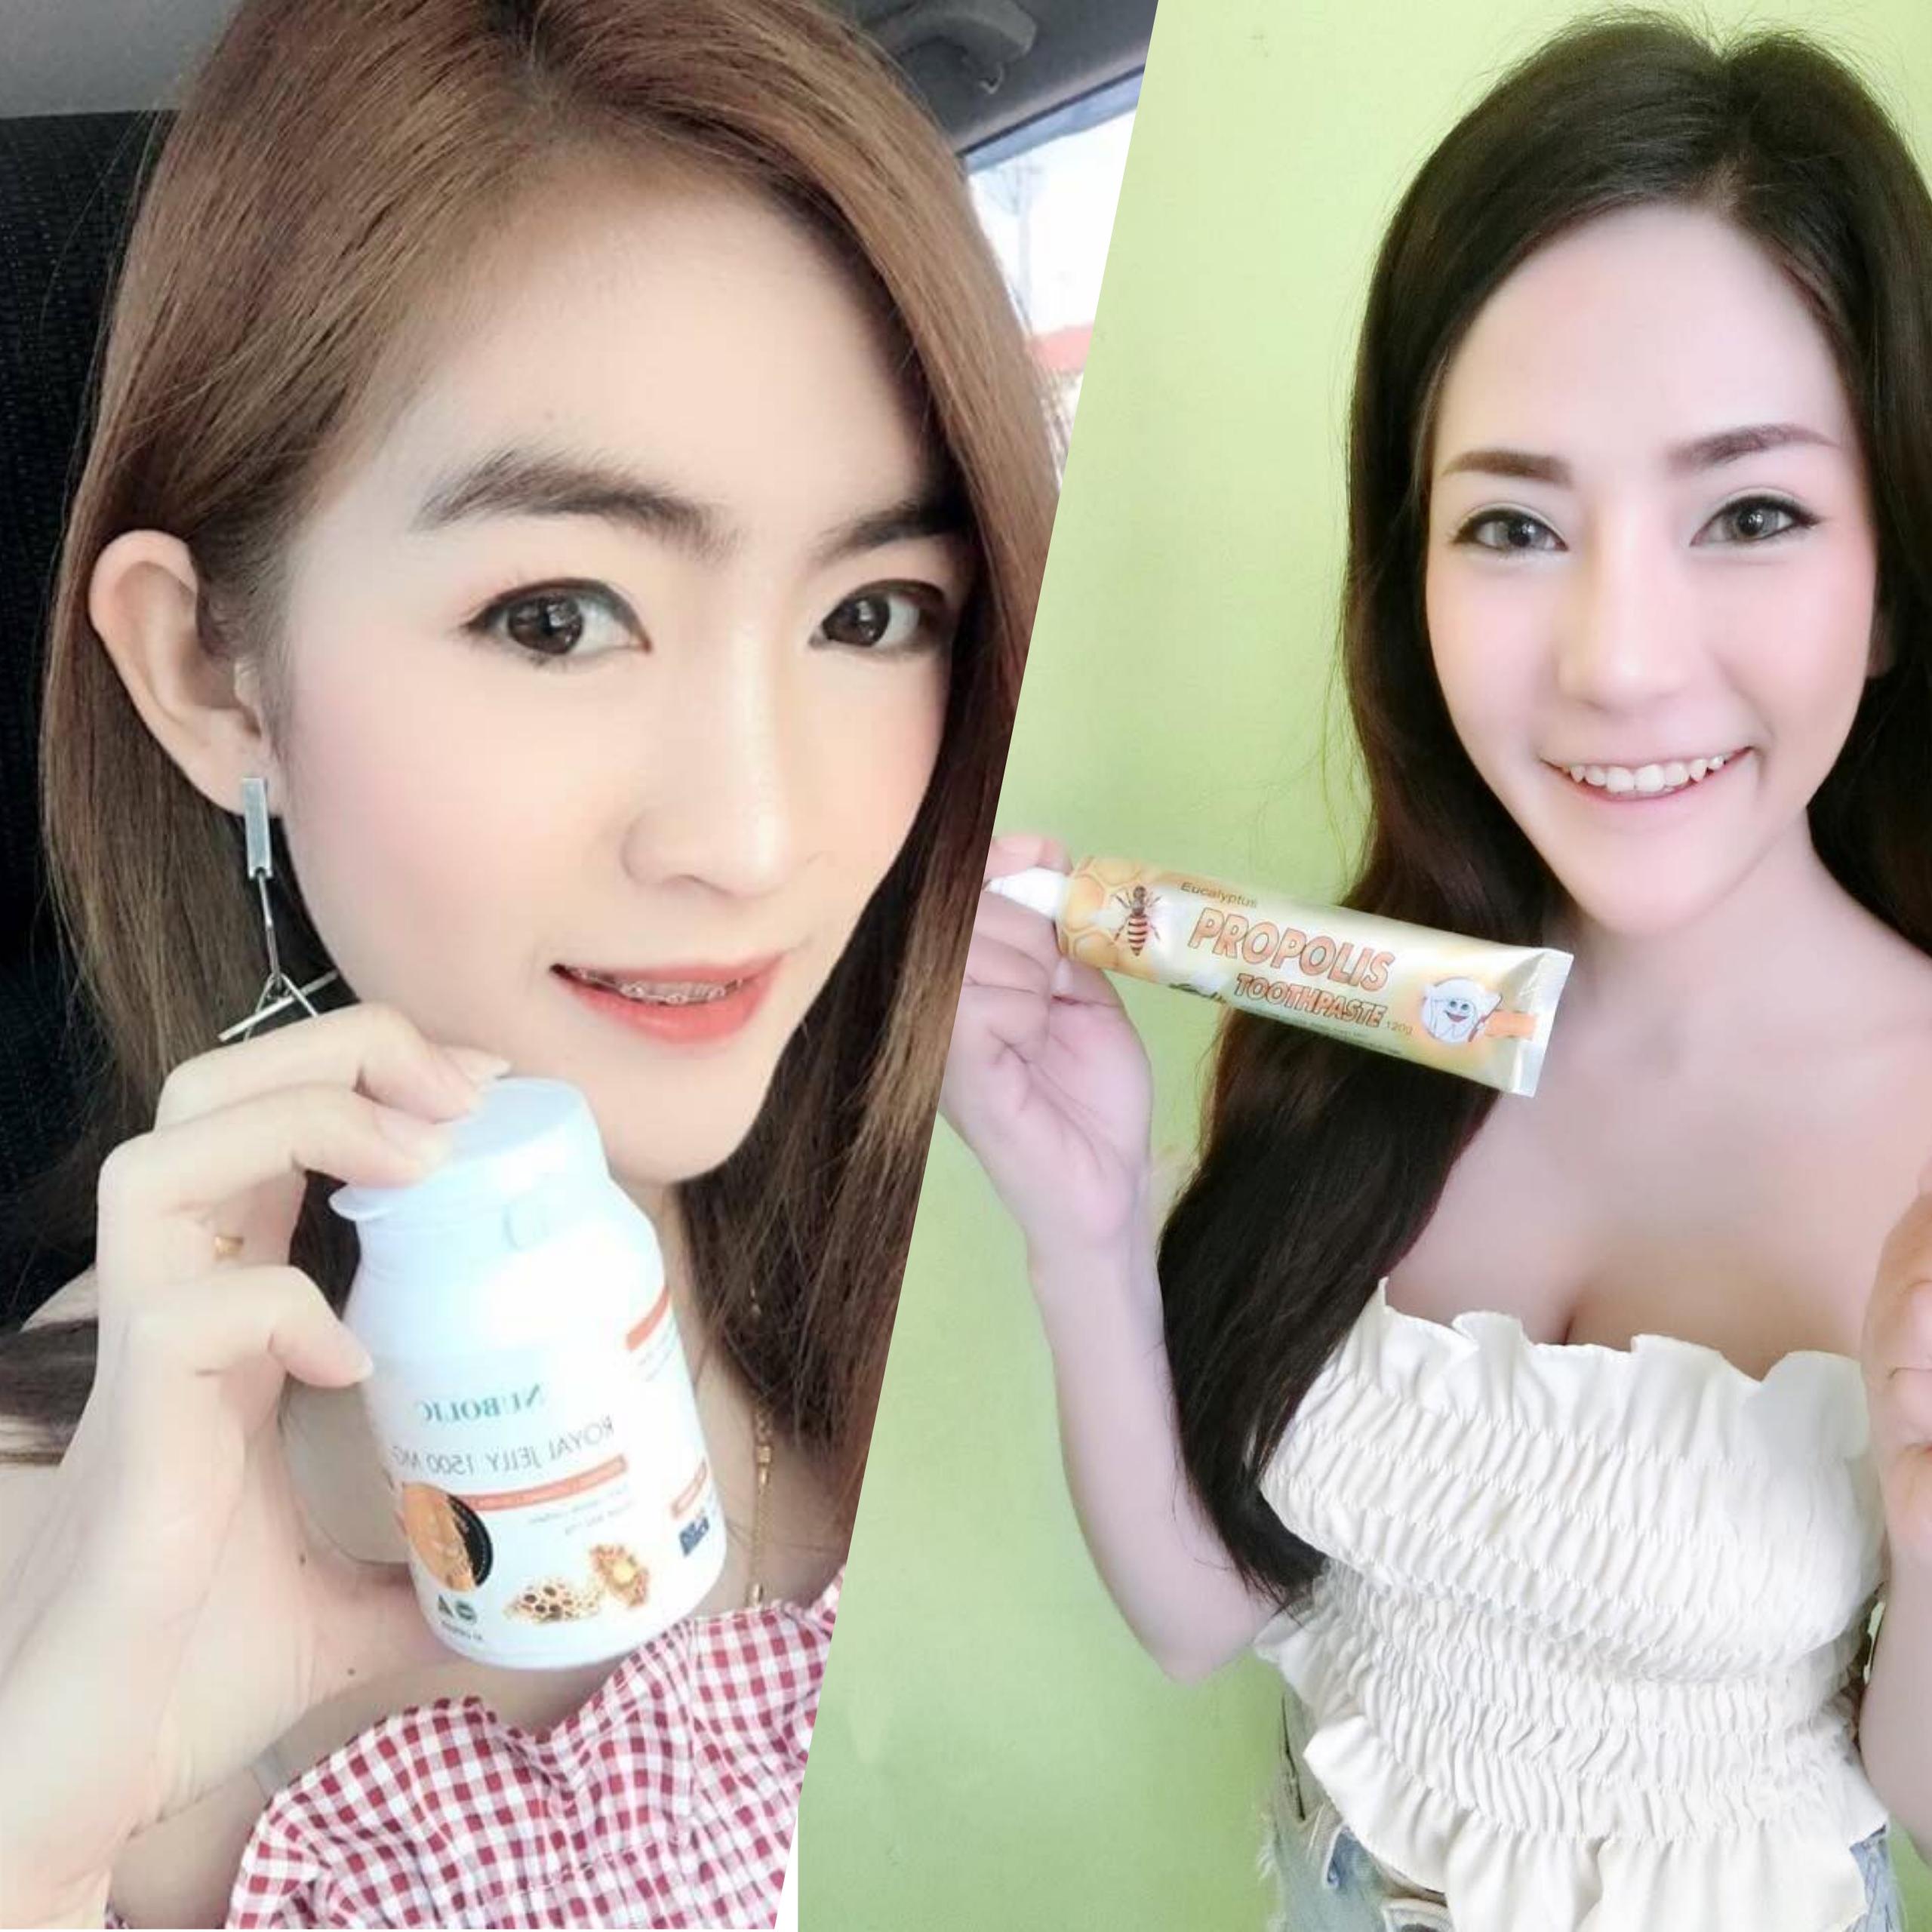 โปรจับคู่สุดคุ้ม นมผึ้ง 1 กระปุกเล็ก + ยาสีฟัน Propolis 1 หลอด คู่หูสุดฮิต ดูแลสุขภาพ บำรุงร่างกาย ดูแลสุขภาพฟัน และช่องปาก สินค้าคุณภาพจาก นูโบลิค Nubolic ส่งฟรี EMS